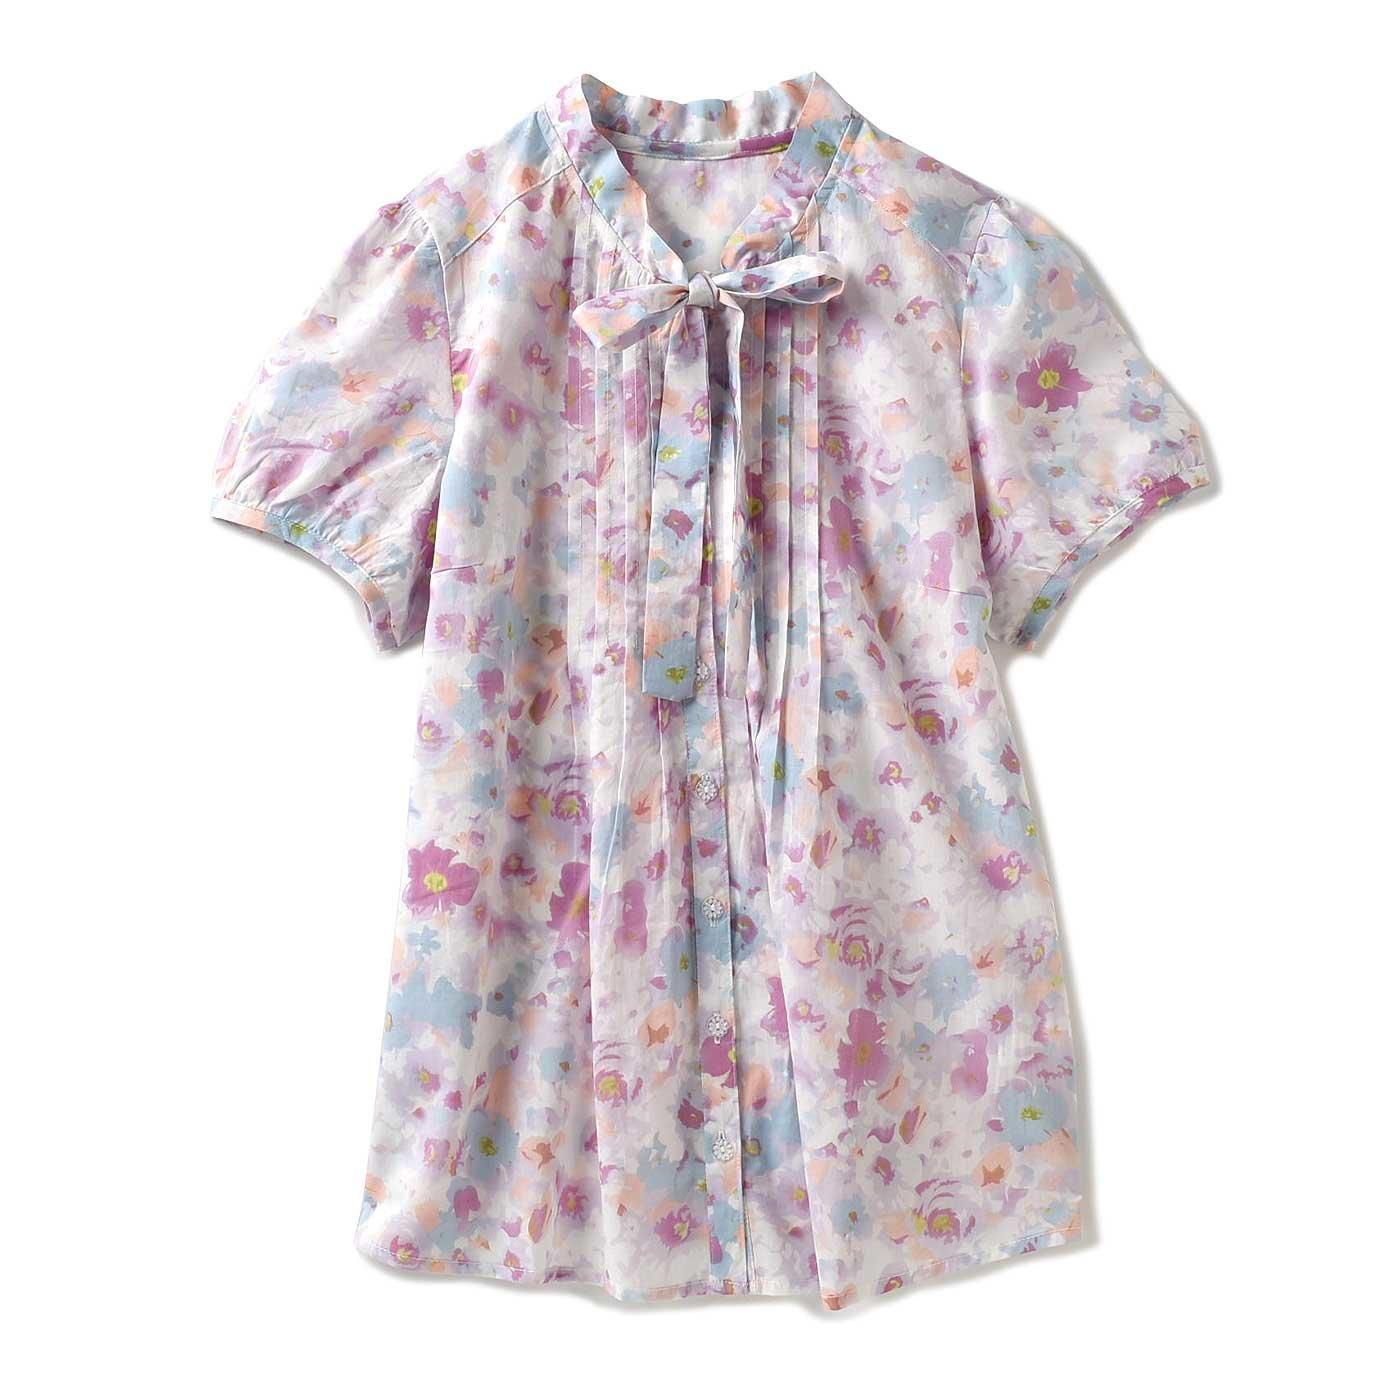 リブ イン コンフォート 水彩タッチのやわらか 花柄コットンブラウス(ピンク×パステルブルー)